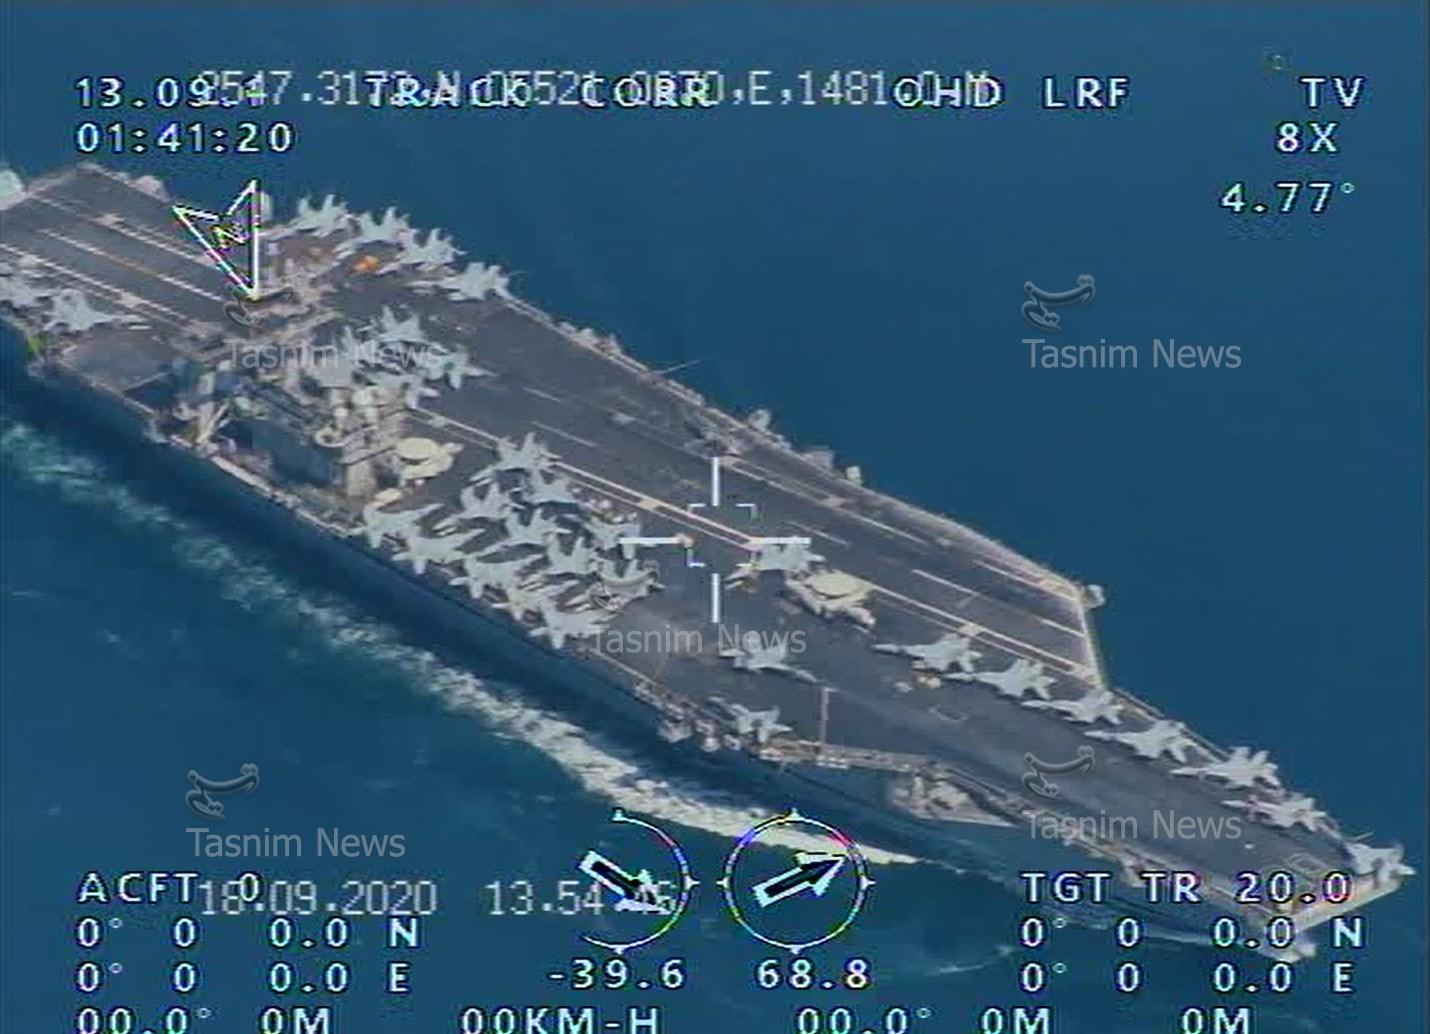 نیروی دریایی | ندسا | نیروی دریایی سپاه , سپاه پاسداران | سپاه , نظامیان آمریکایی , اخبار نظامی | اخبار دفاعی , خلیج فارس ,